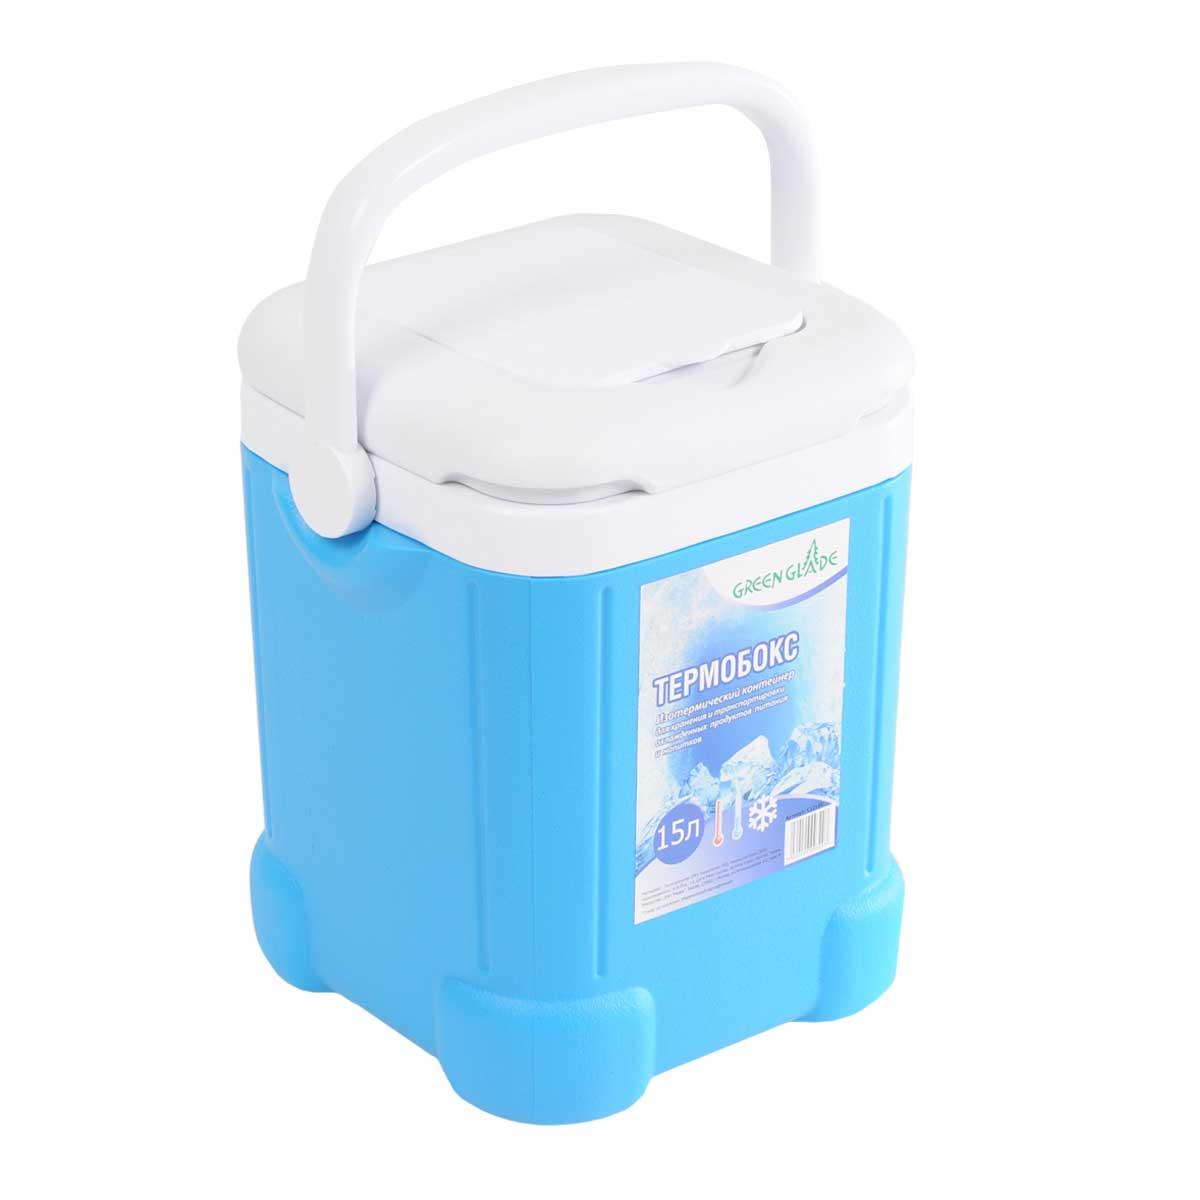 Контейнер изотермический Green Glade, цвет: голубой, 15 лС12150Легкий и прочный изотермический контейнер Green Glade предназначен для сохранения определенной температуры продуктов во время длительных поездок. Корпус и крышка контейнера изготовлены из высококачественного пластика. Между двойными стенками находится термоизоляционный слой, который обеспечивает сохранение температуры. При использовании аккумулятора холода, контейнер обеспечивает сохранение продуктов холодными на 8-10 часов. Подвижная ручка делает более удобной переноску контейнера. Крышка имеет дополнительный небольшой отсек. Контейнер идеально подходит для отдыха на природе, пикников, туристических походов и путешествий. Контейнеры Green Glade можно использовать не только для сохранения холодных продуктов, но и для транспортировки горячих блюд. В этом случае аккумуляторы нагреваются в горячей воде (температура около 80° С) и превращаются в аккумуляторы тепла. Подготовленные блюда перед транспортировкой подогреваются и горячими укладываются в...